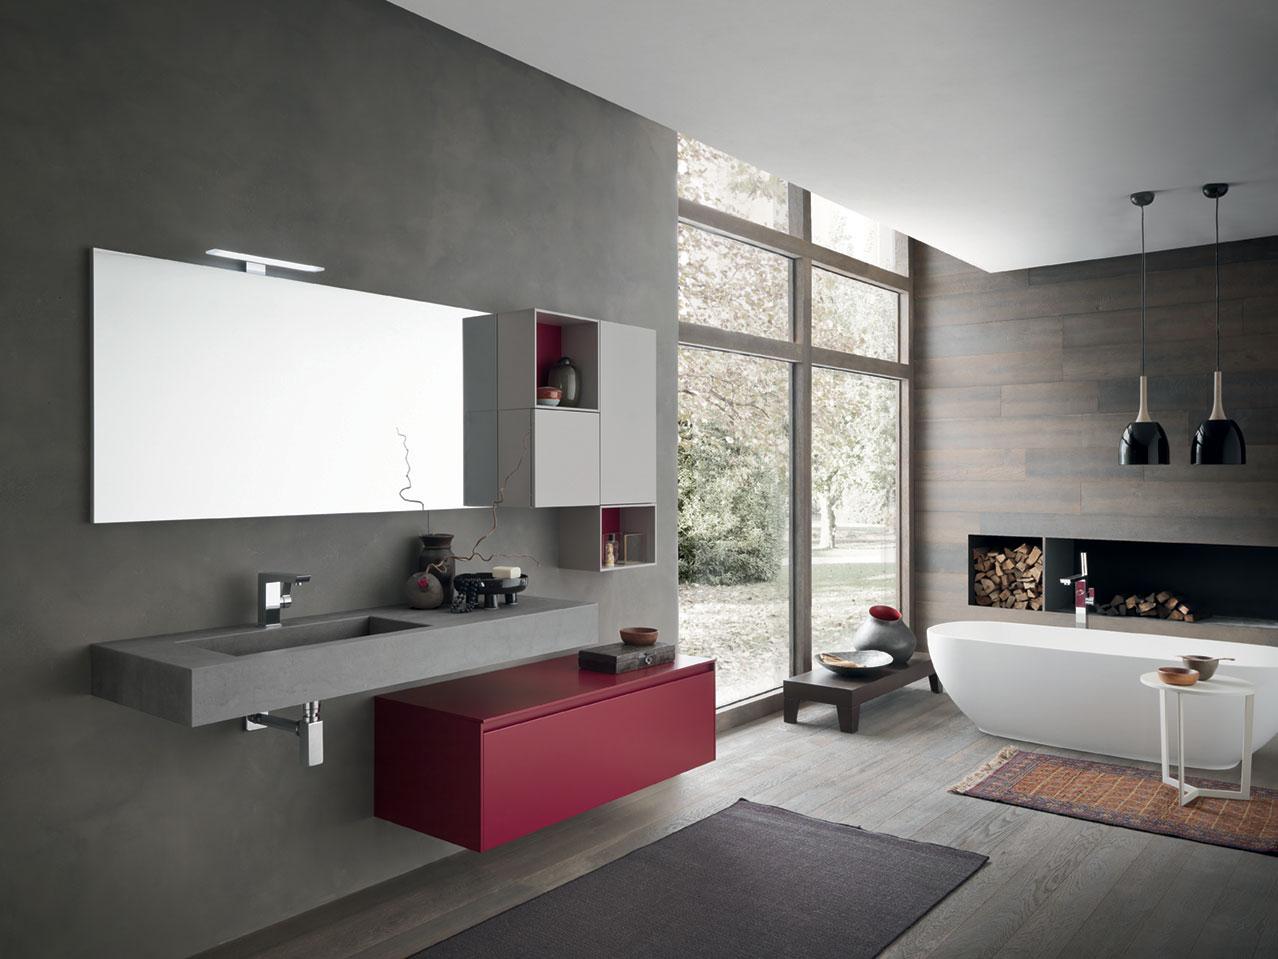 Mobili e arredamento per bagni for Idee di arredamento moderno